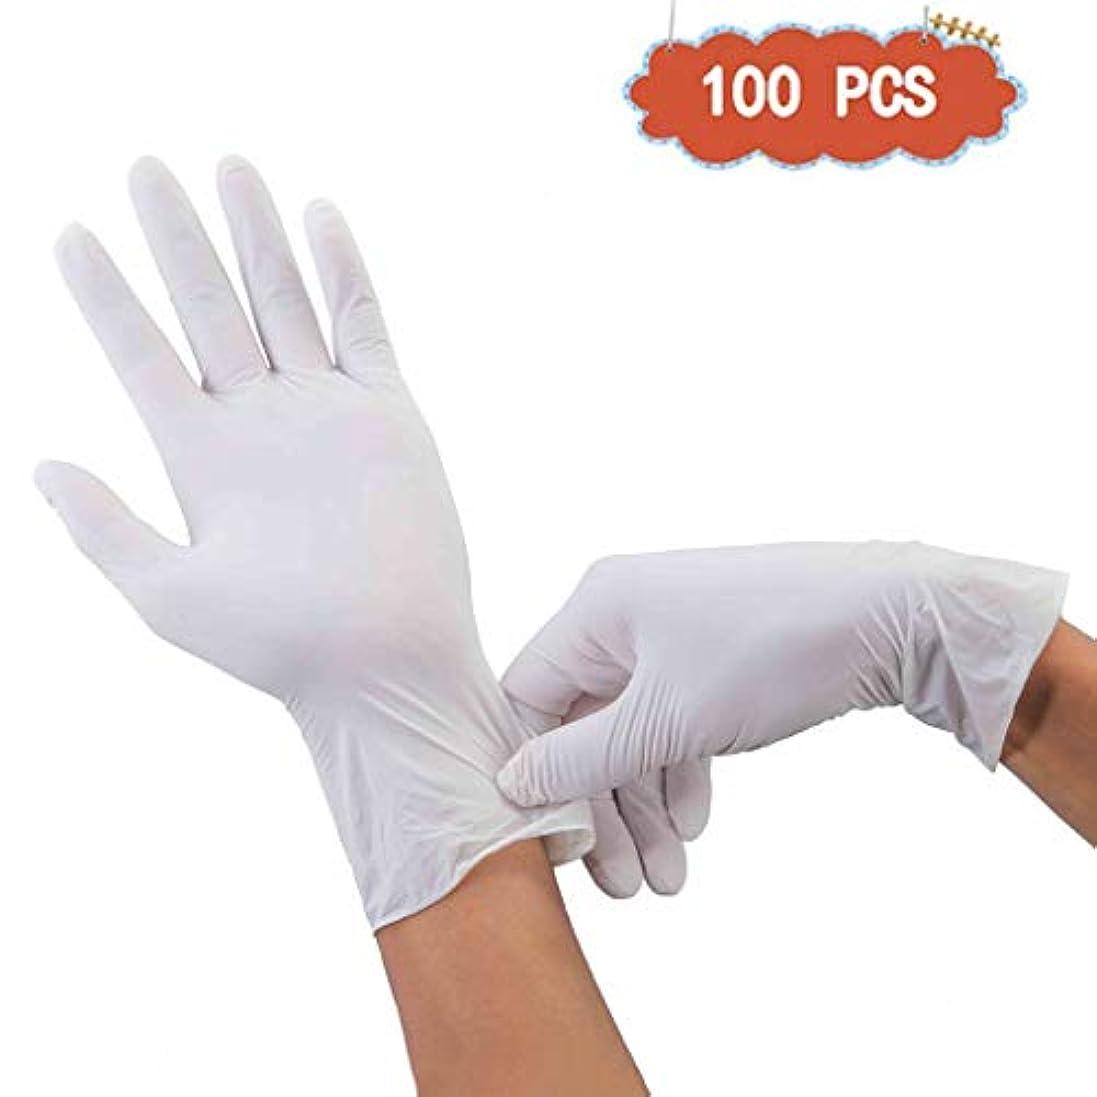 パウダー欠伸解決するニトリル手袋、白い手袋食品衛生処理医療産業使い捨て手袋ペットケアネイルアート検査保護実験、美容サロンラテックスフリー、、 100個 (Size : S)